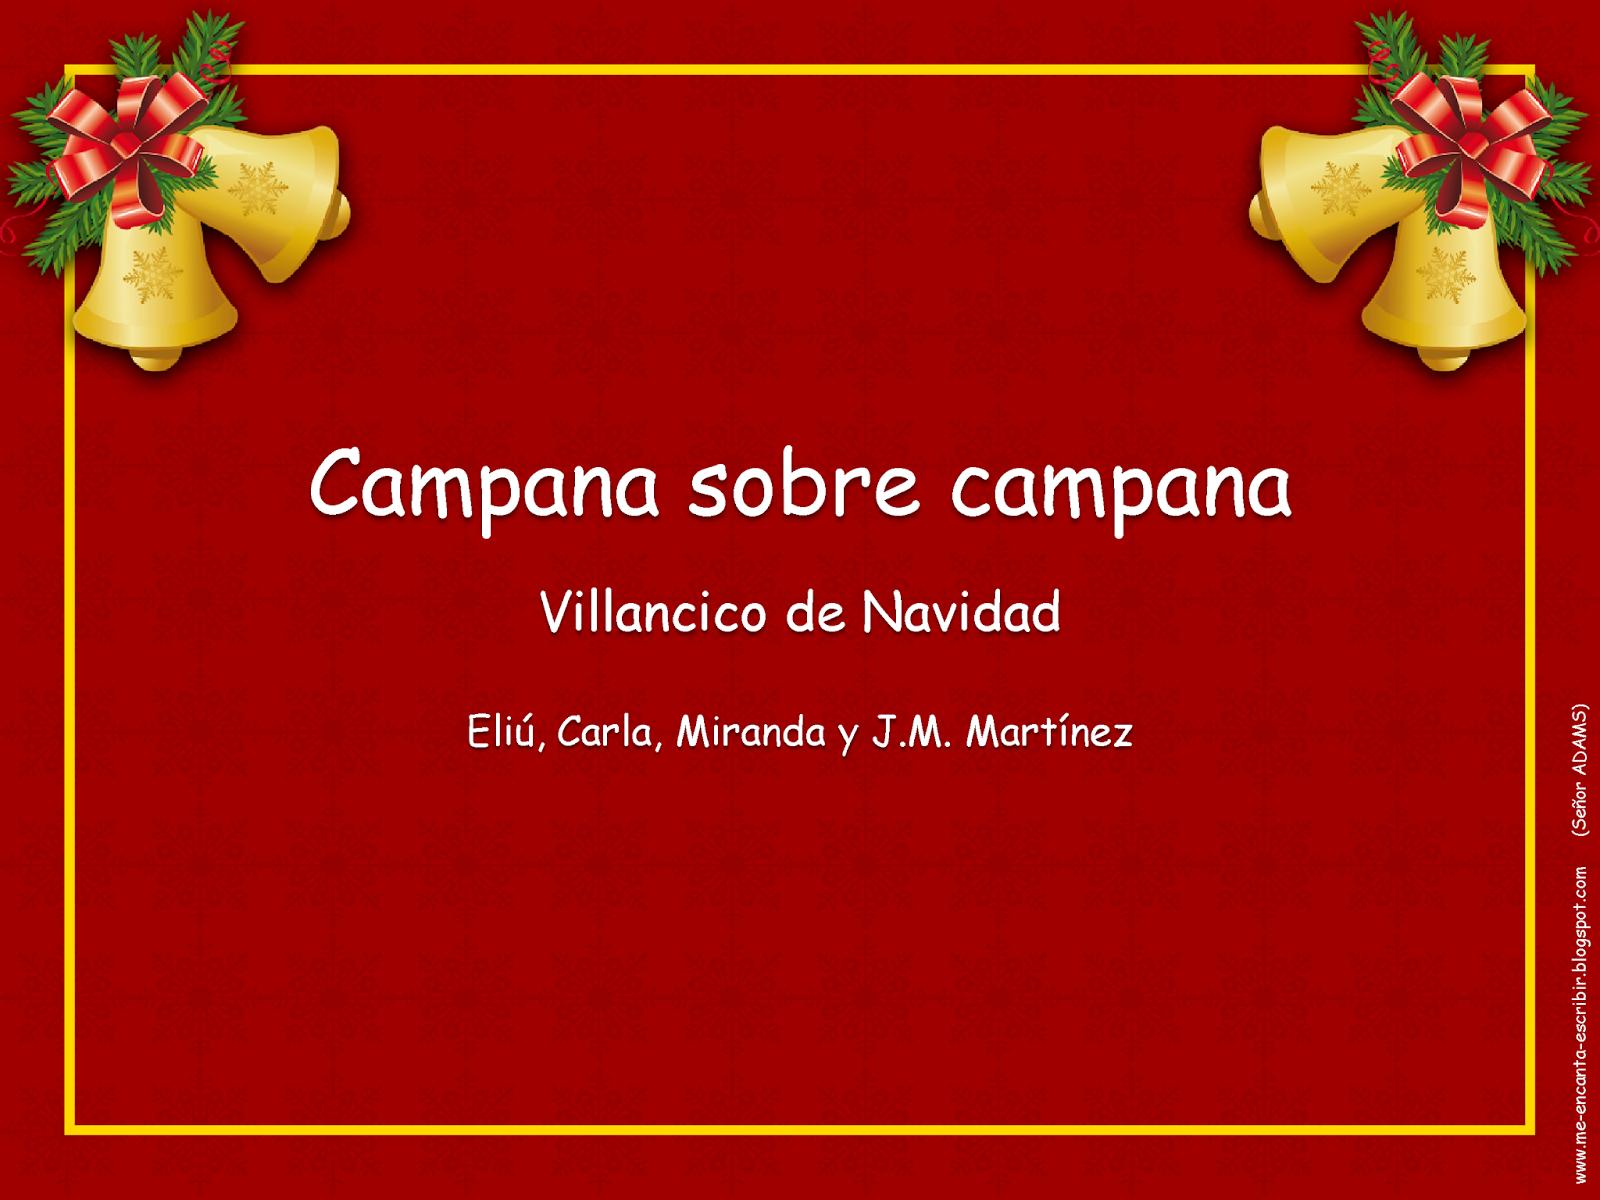 Me Encanta Escribir En Español Canción Campana Sobre Campana